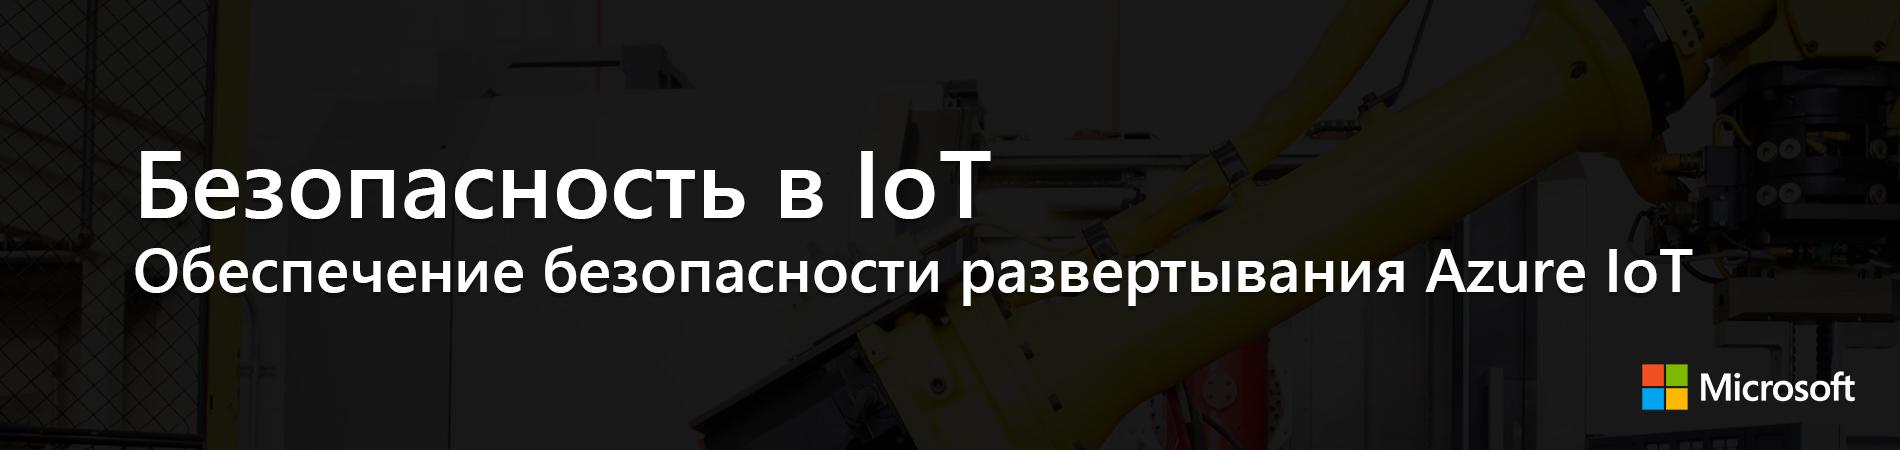 Безопасность в IoT: Обеспечение безопасности развертывания Azure IoT